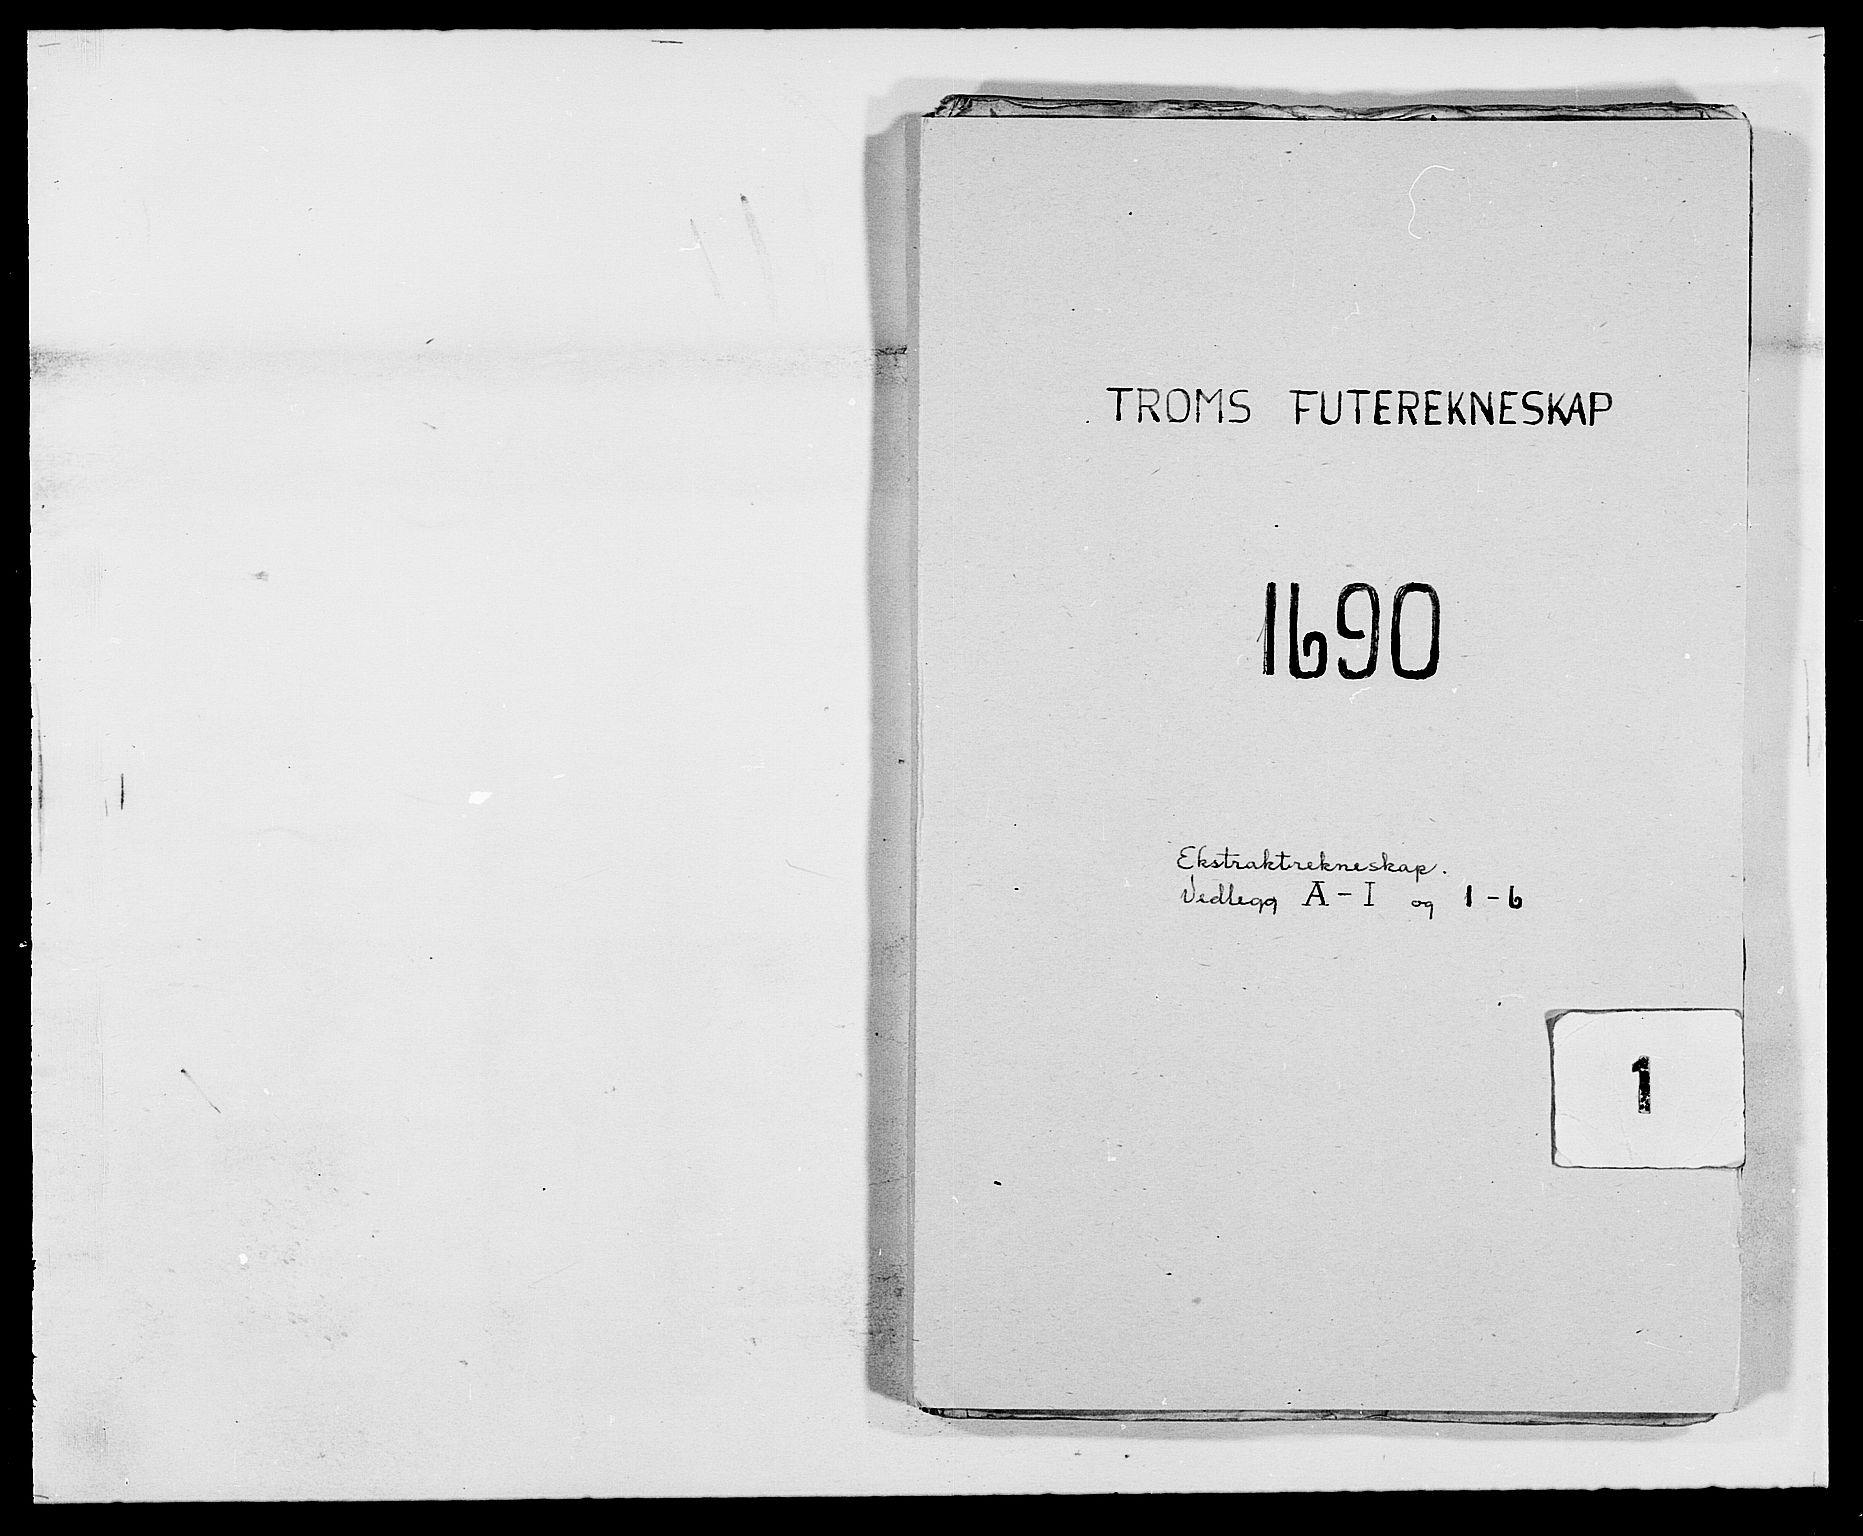 RA, Rentekammeret inntil 1814, Reviderte regnskaper, Fogderegnskap, R68/L4751: Fogderegnskap Senja og Troms, 1690-1693, s. 1